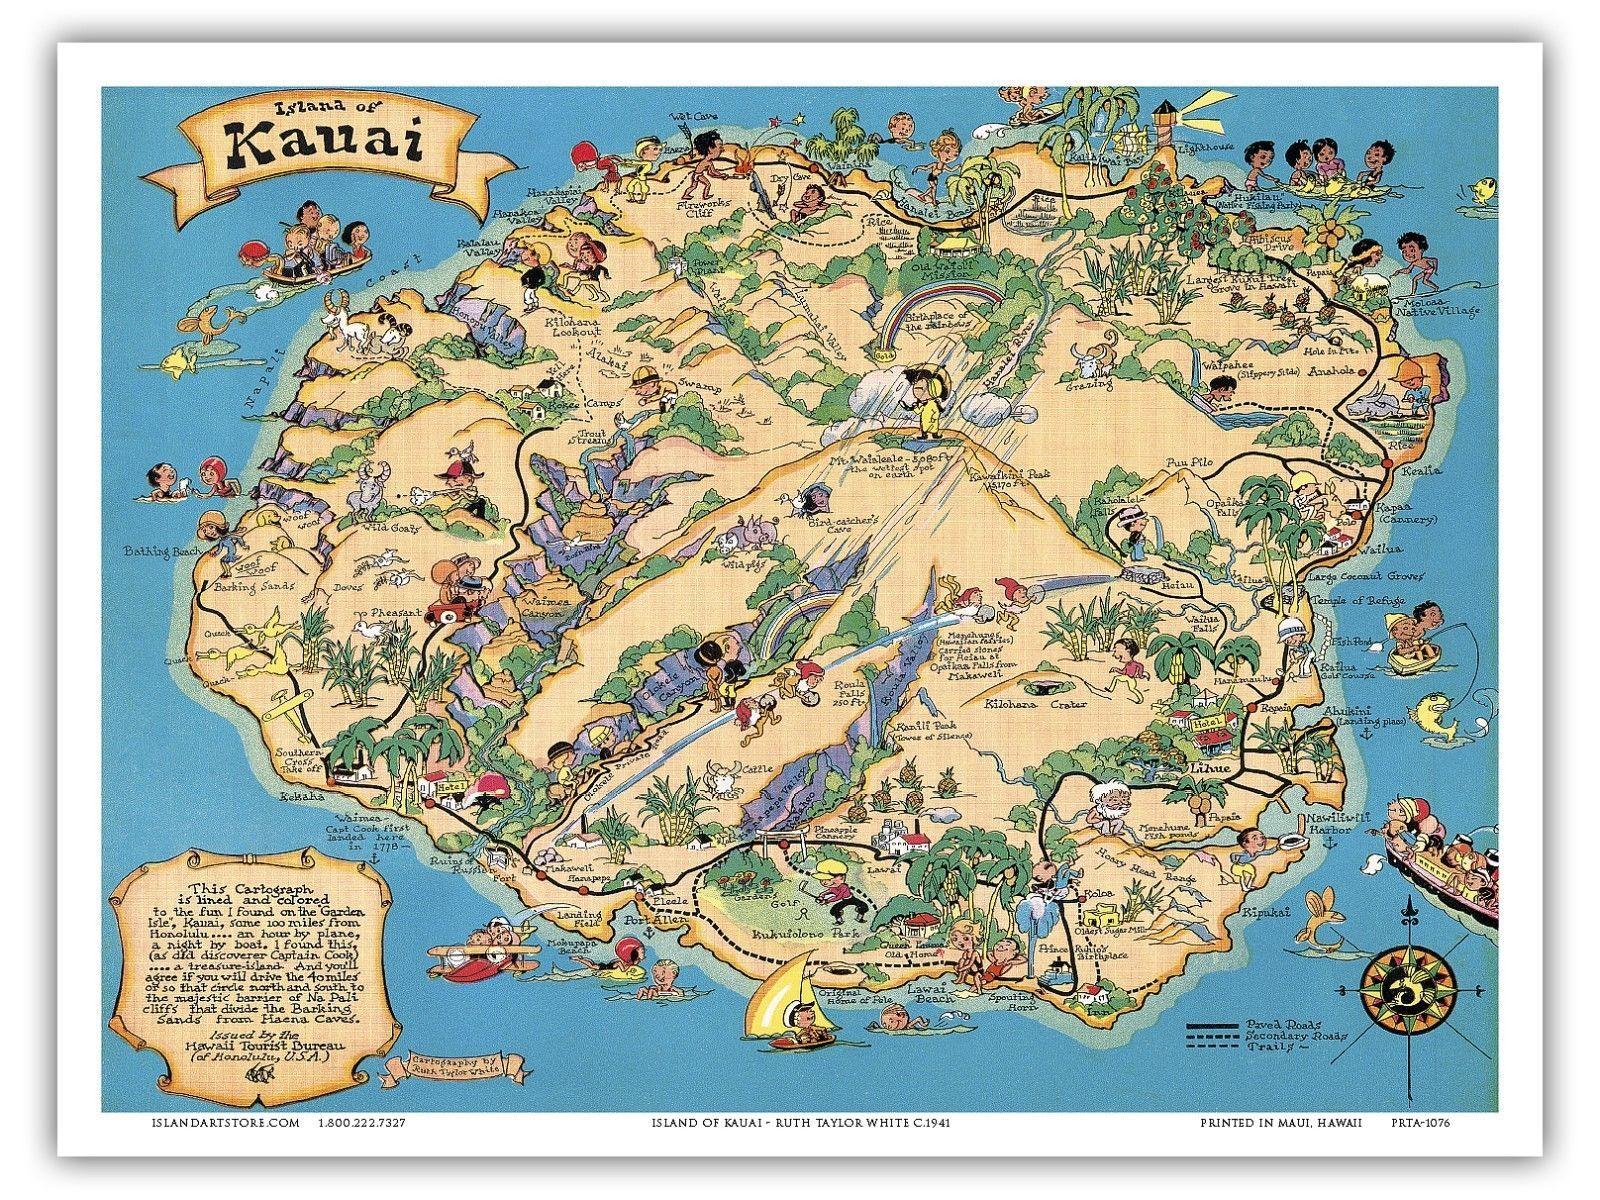 Hawaii Island Map Kauai - White - 1941 Vintage Travel Poster Print - Printable Map Of Kauai